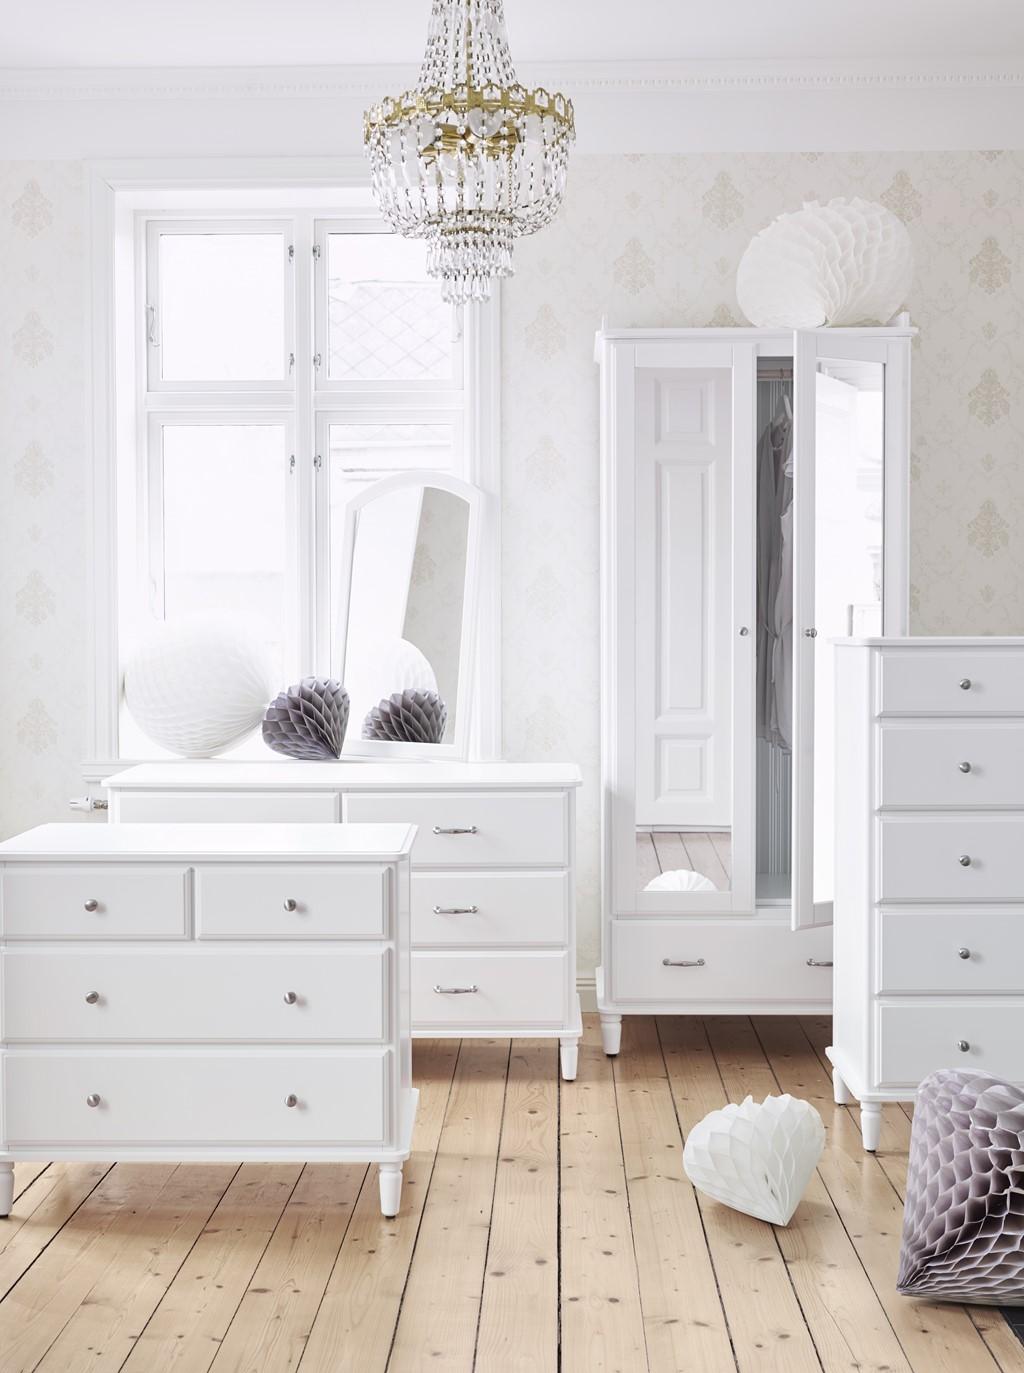 Muebles de interior y exterior de ikea para la primavera 2015 - Comodas dormitorio ikea ...